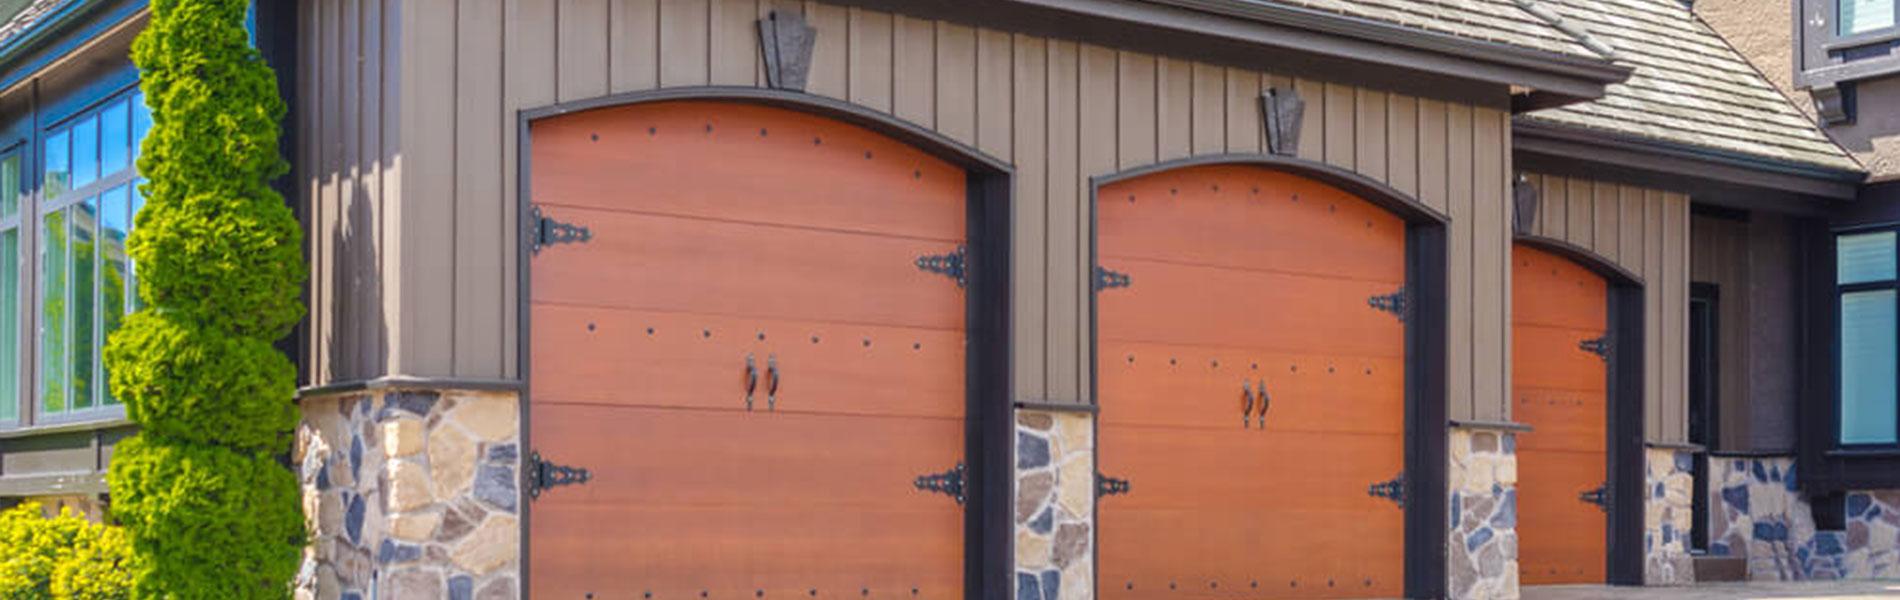 Beau ... Neighborhood Garage Door Service, Clermont, FL 352 405 4012